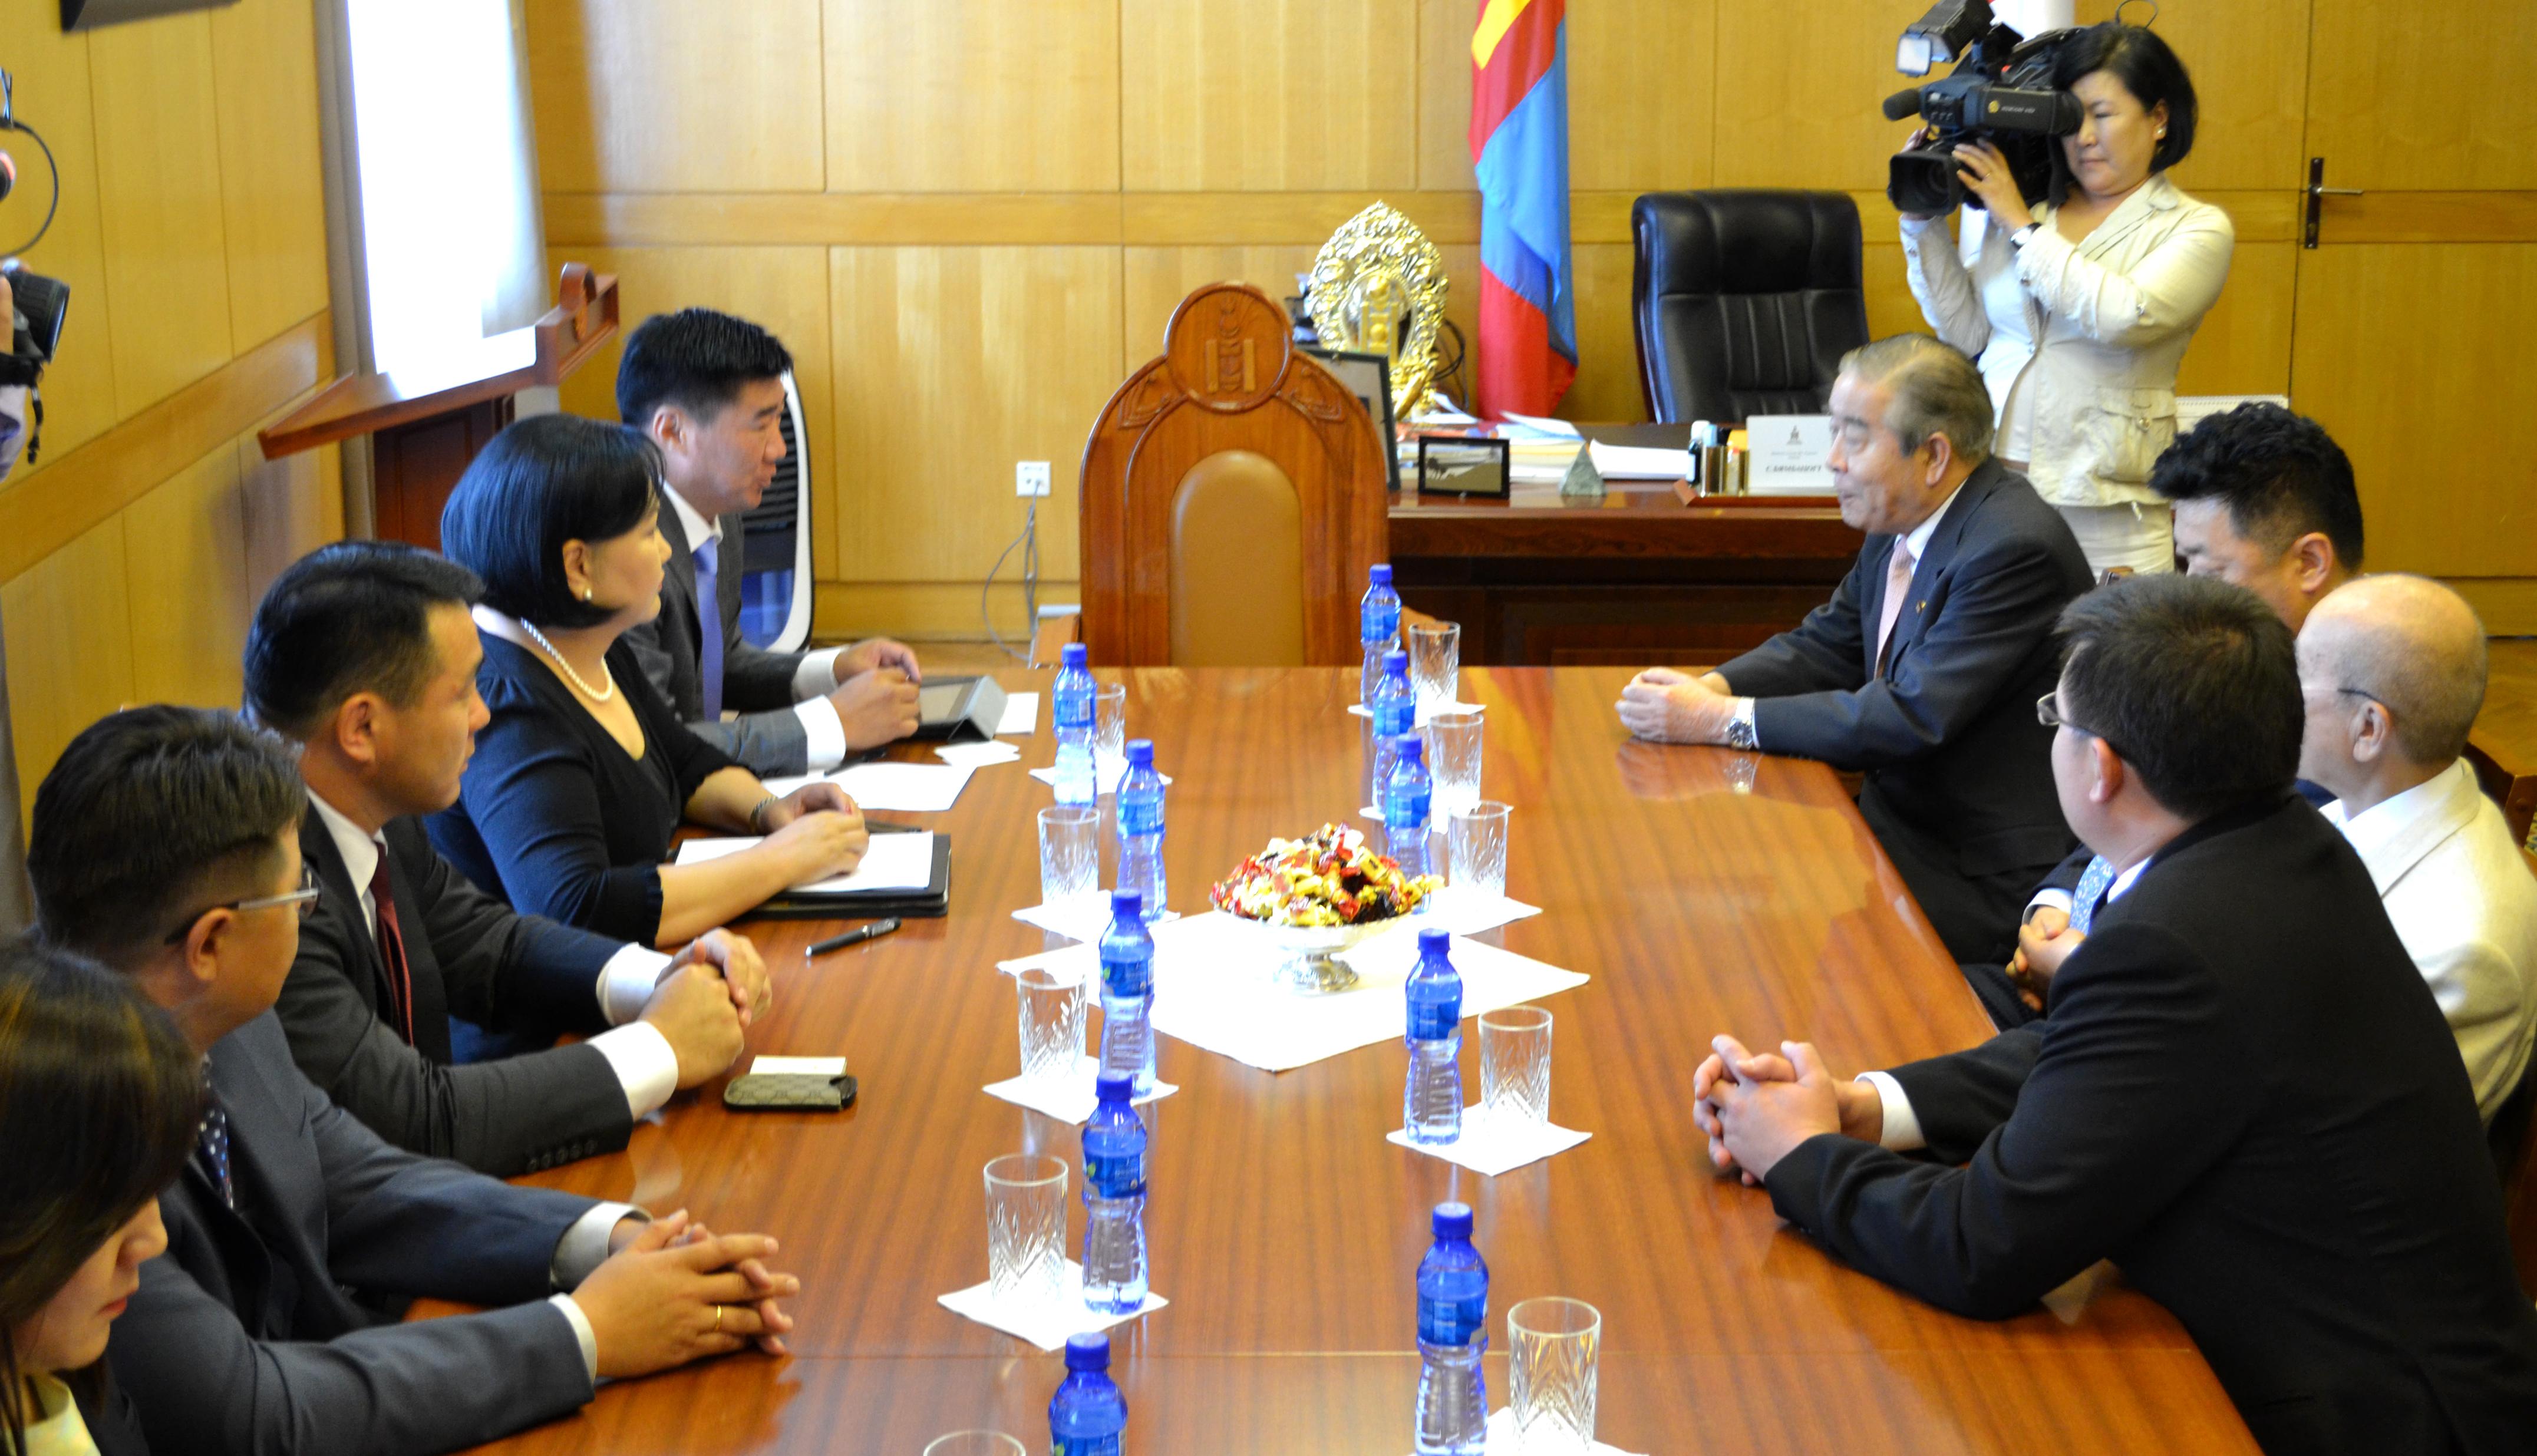 МАН-ын бүлгийн дарга С.Бямбацогт Японы парламентын төлөөлөгчдийг хүлээн авч уулзав